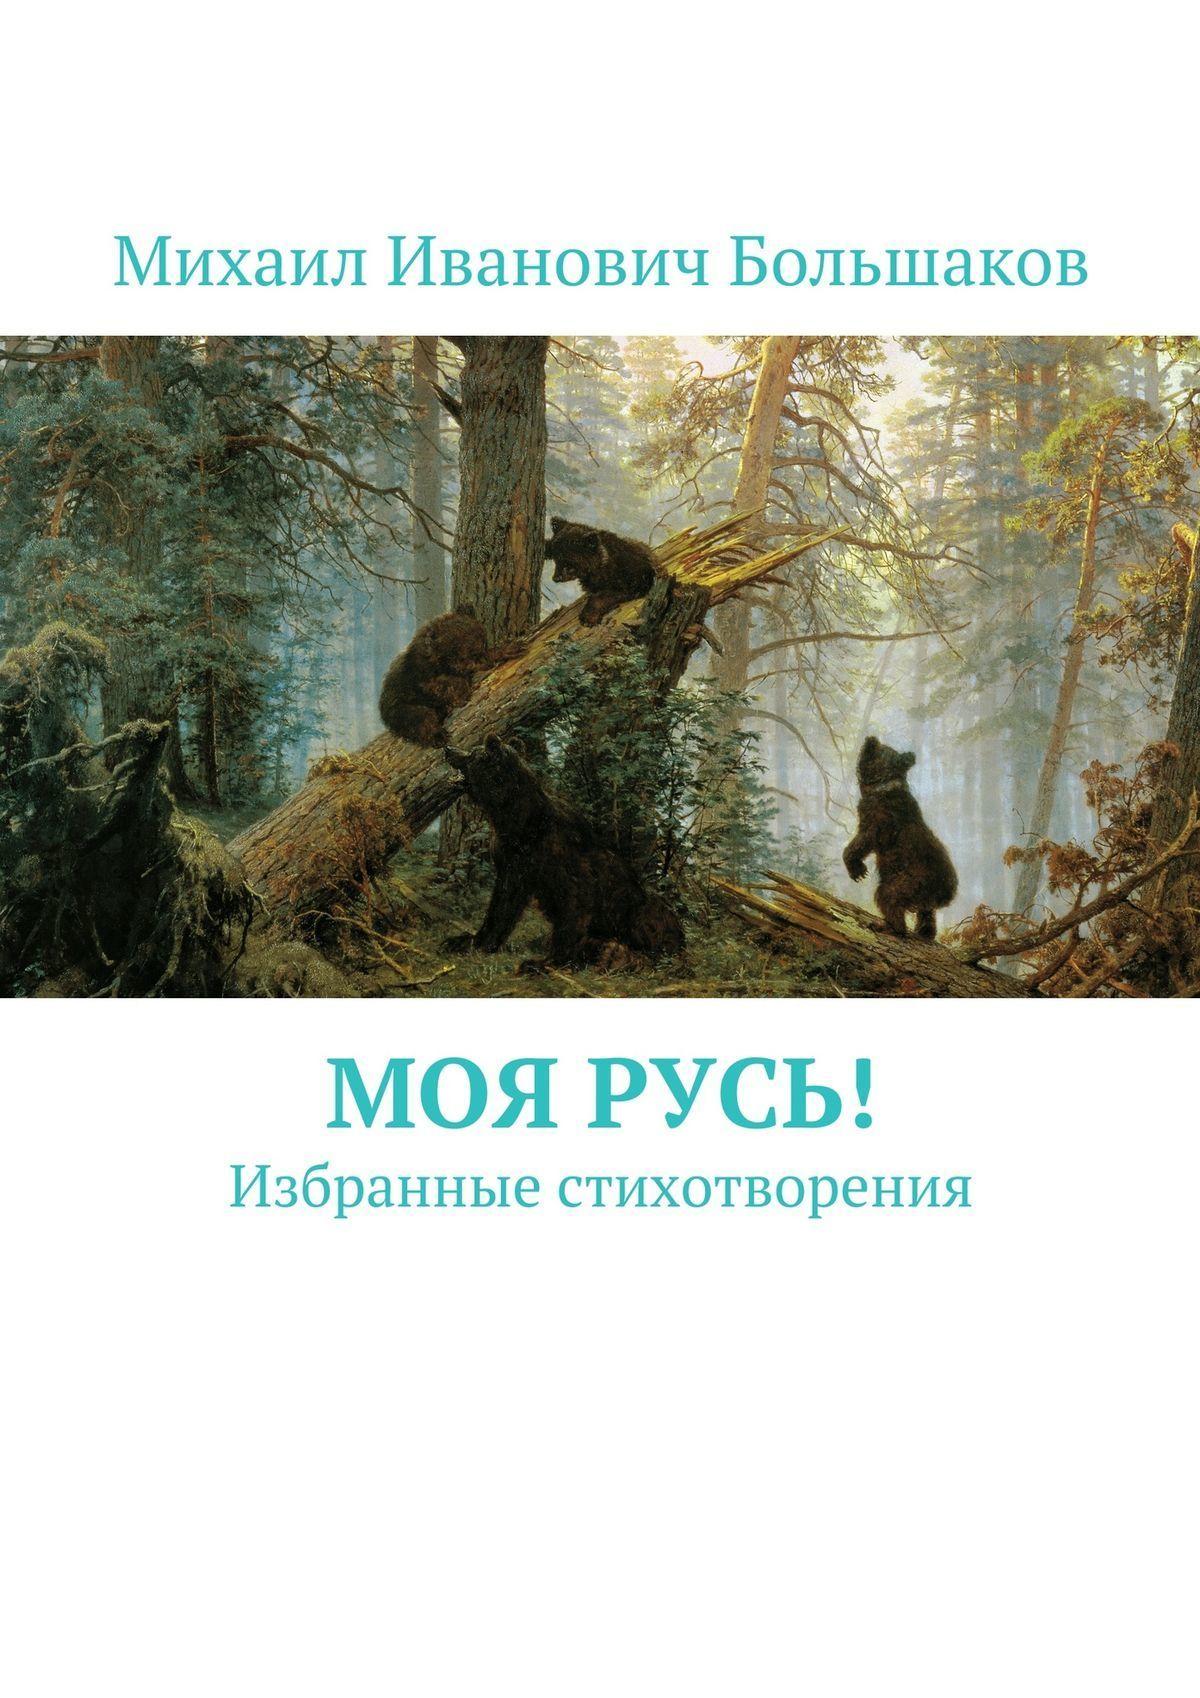 Михаил Иванович Большаков Моя Русь! Избранные стихотворения блок а а русь моя жизнь моя